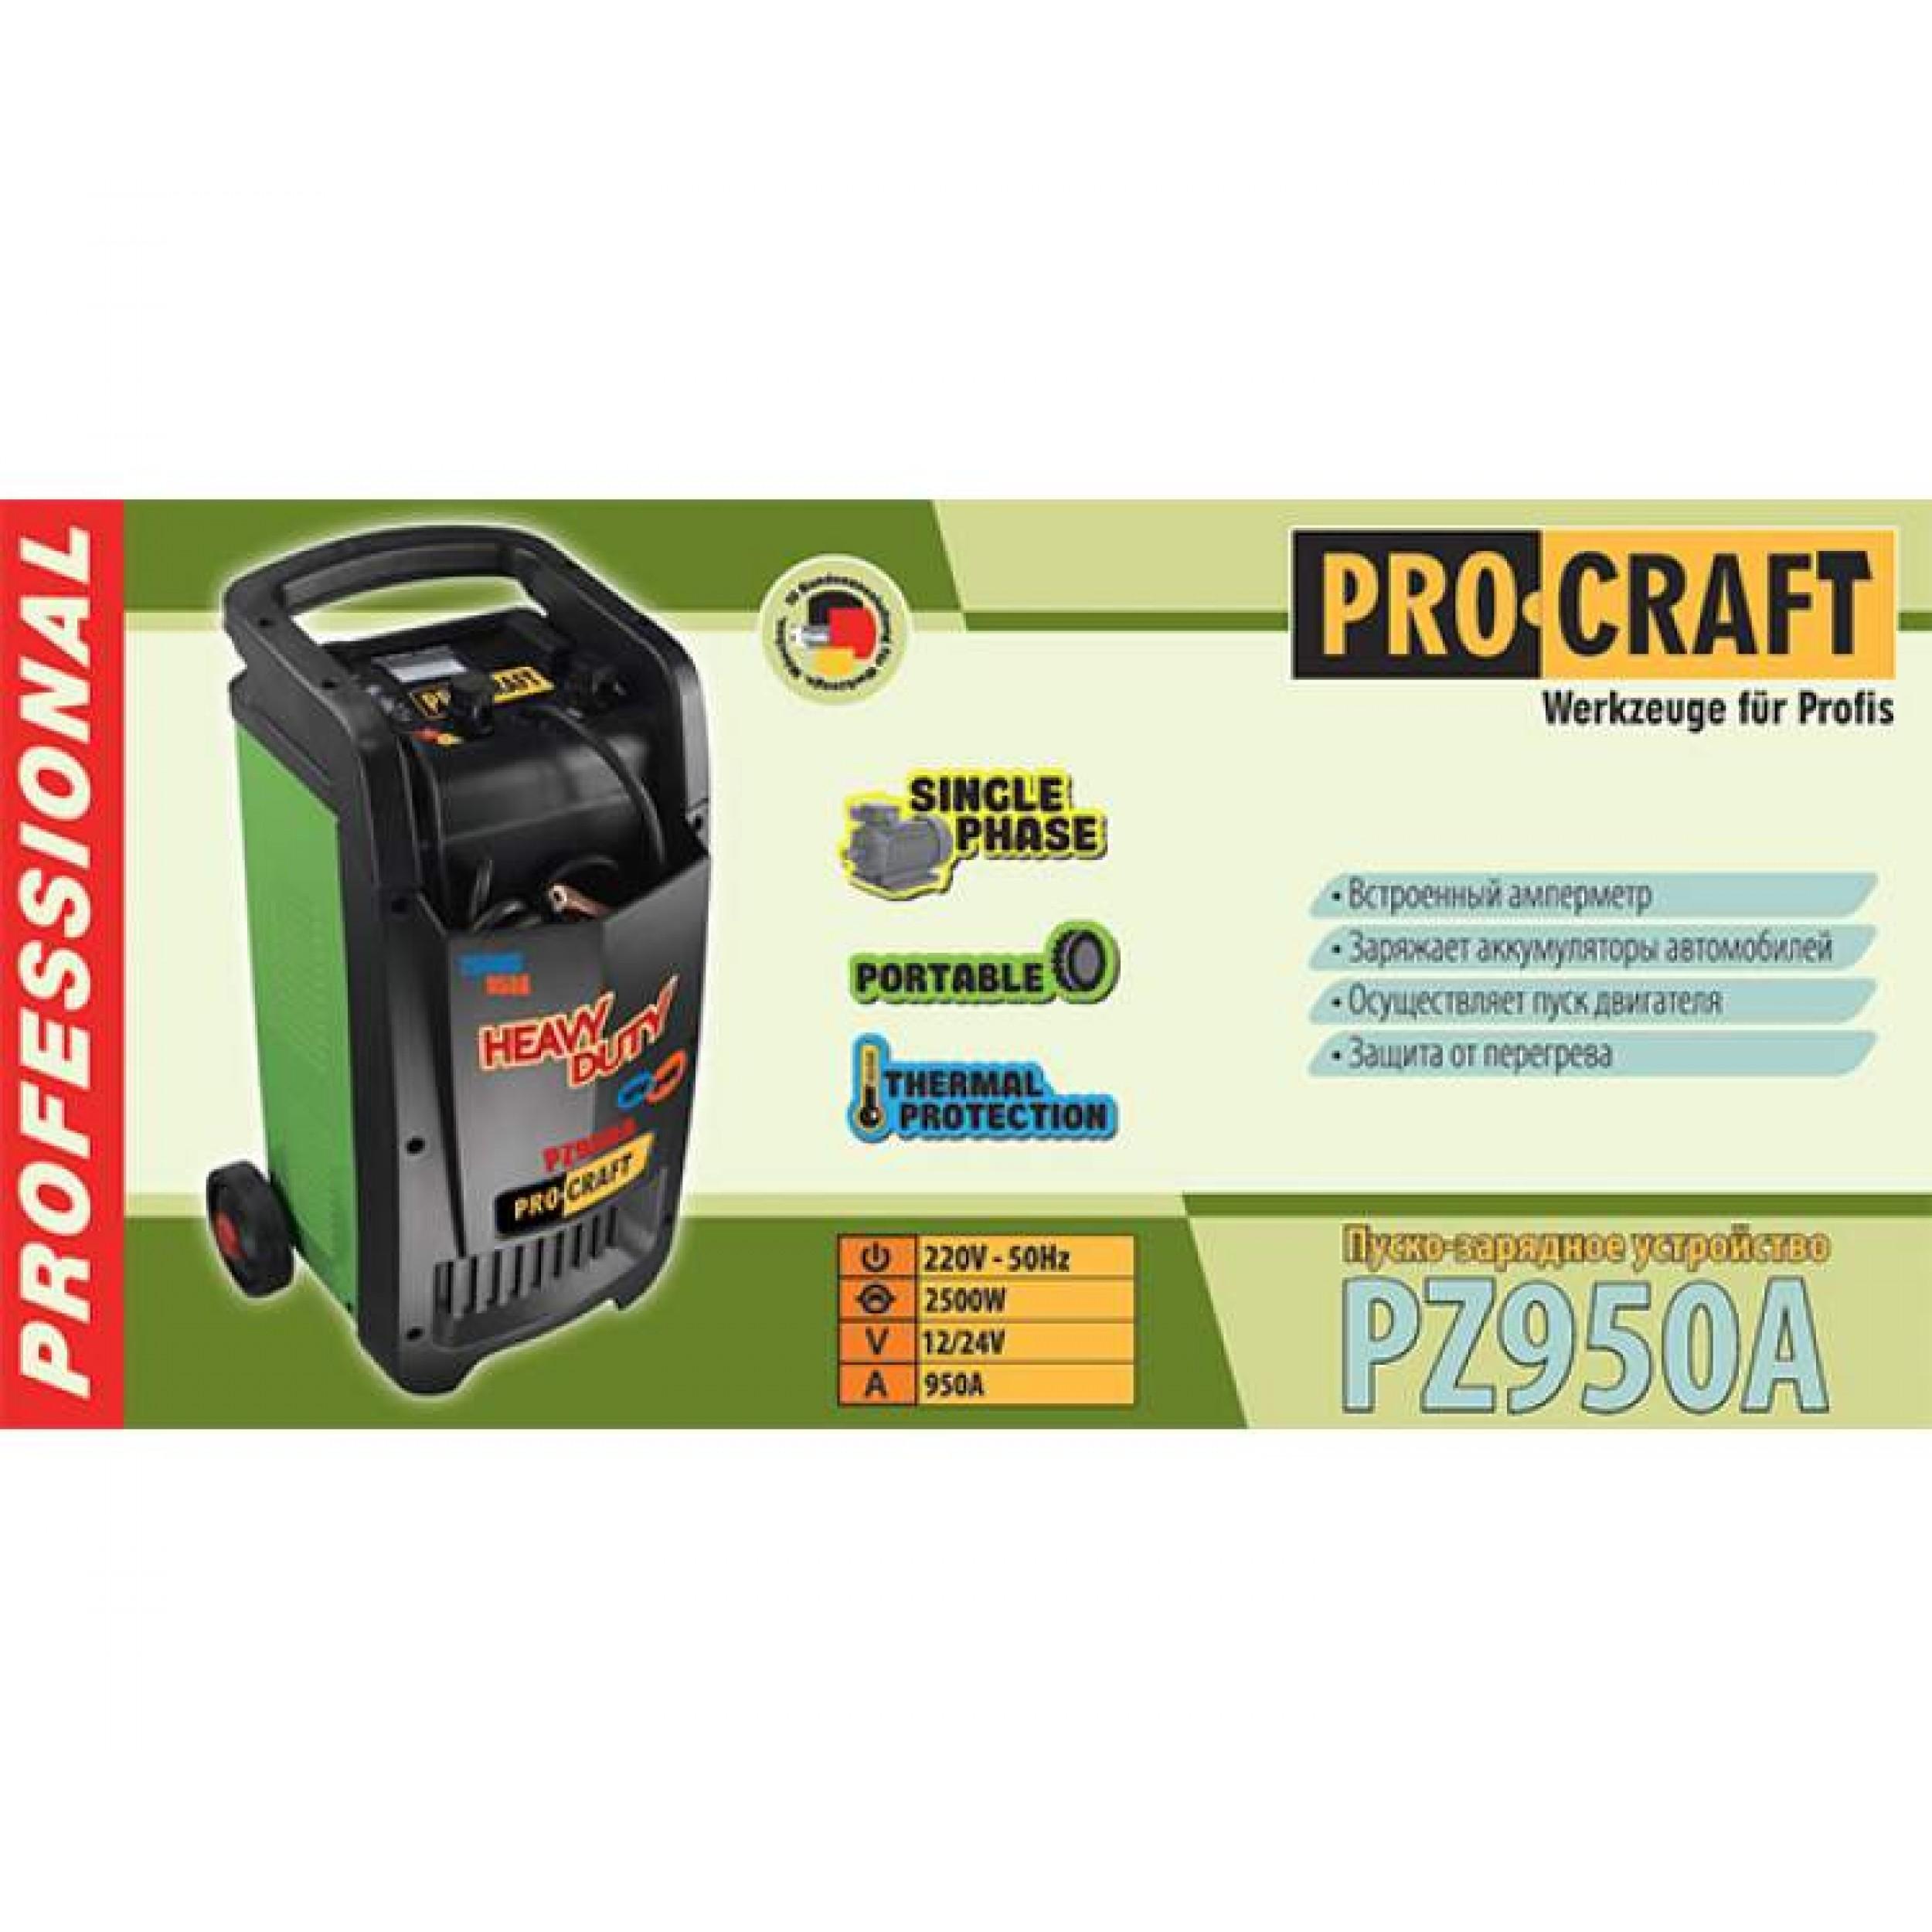 Prestarting-încărcător Procraft PZ950A